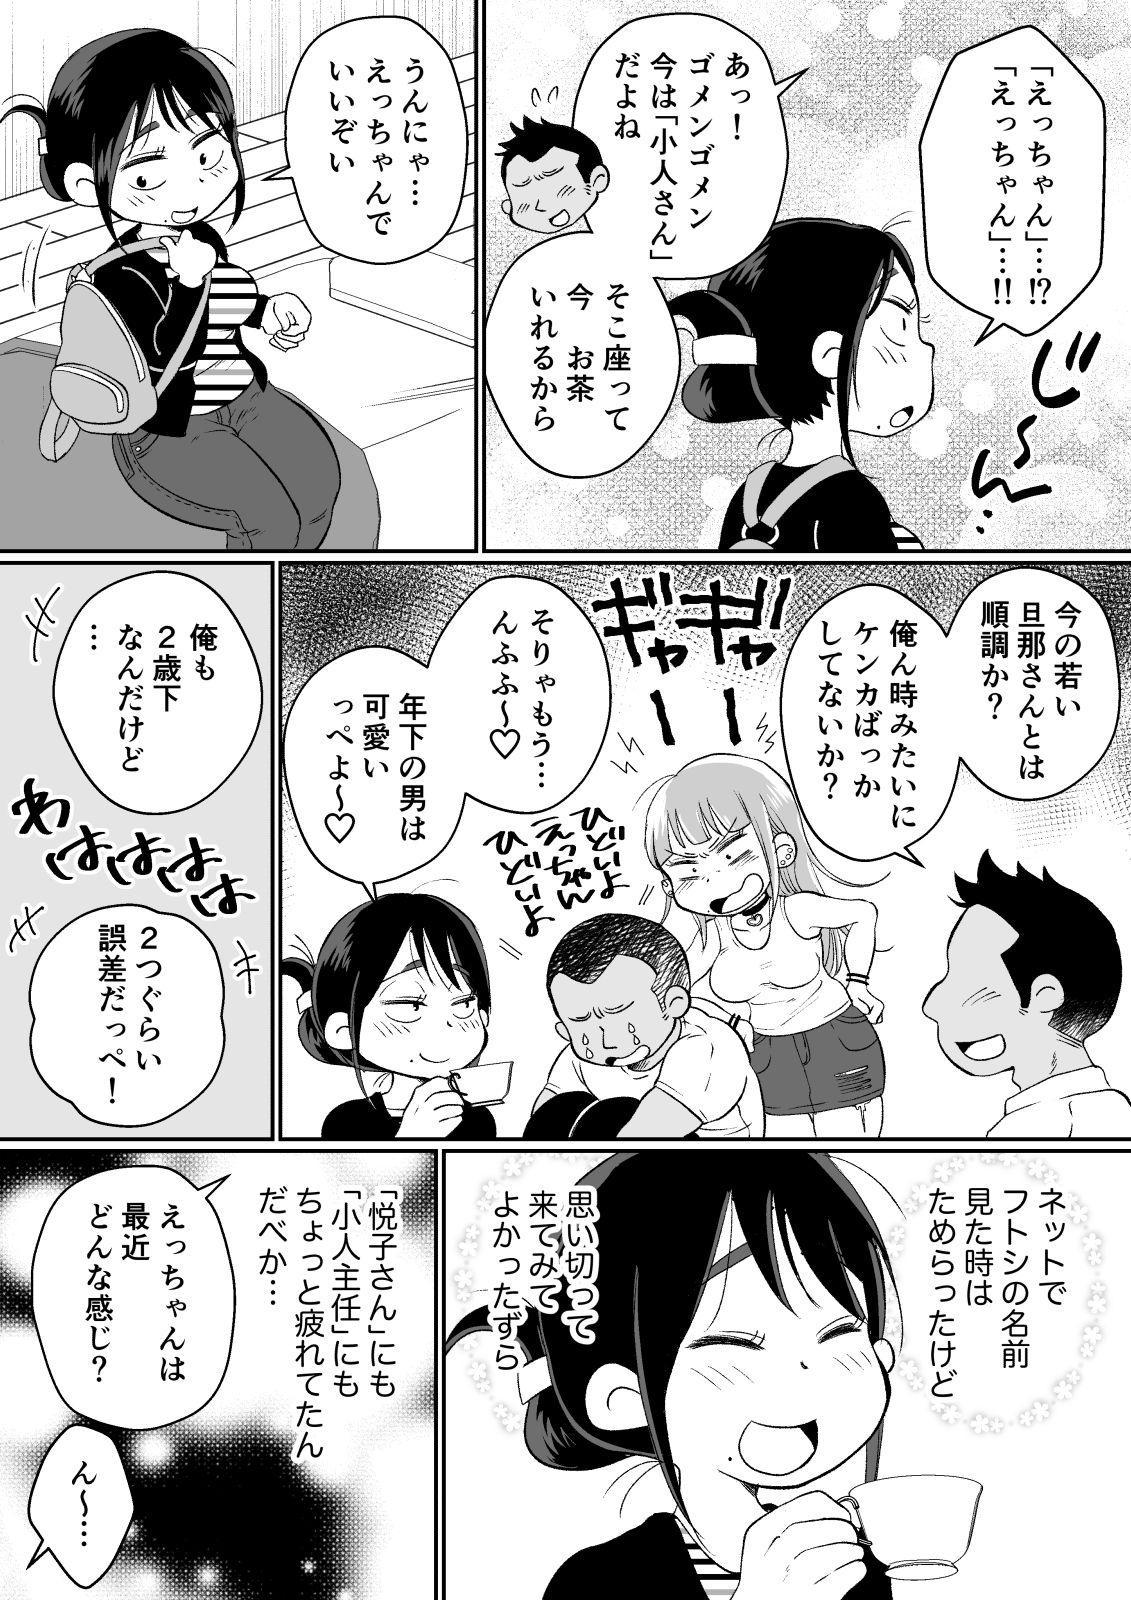 Batsuichi Hitozuma, Moto Danna no Ero Massage ni Ochiru! 11